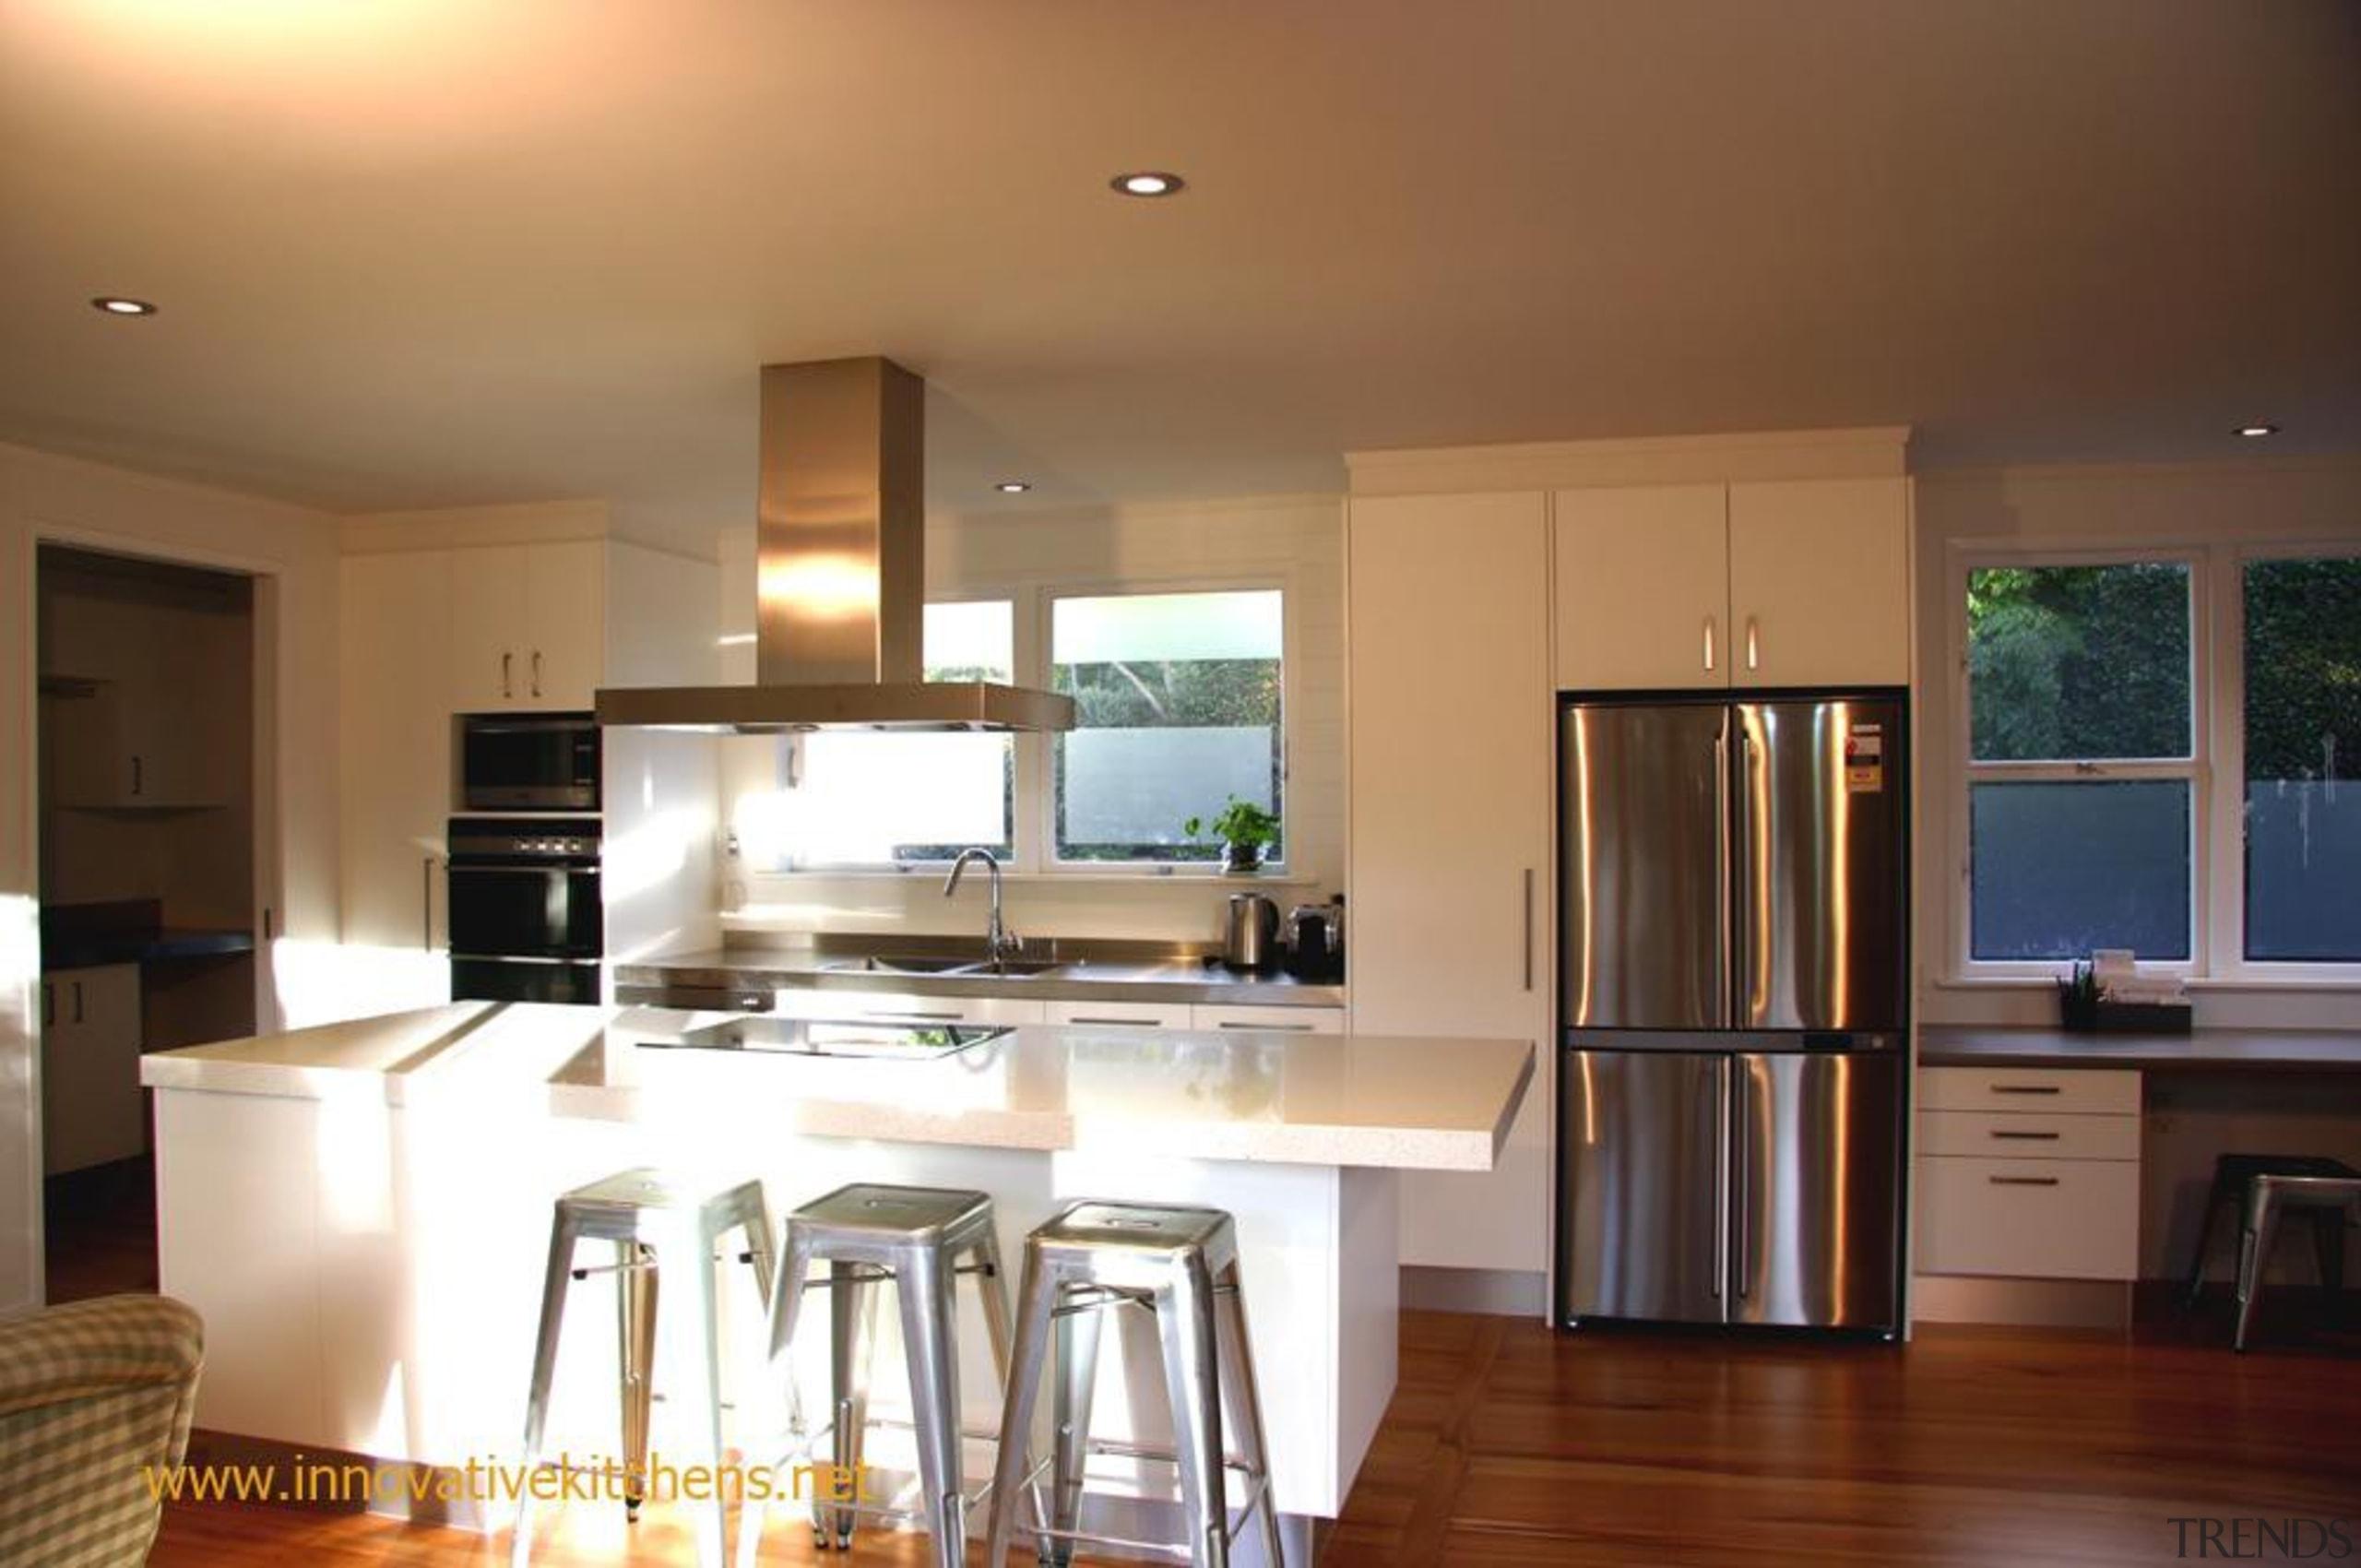 modern glendowie2013 1.jpg - modern_glendowie2013_1.jpg - countertop   countertop, cuisine classique, floor, flooring, hardwood, home, interior design, kitchen, property, real estate, room, window, wood flooring, brown